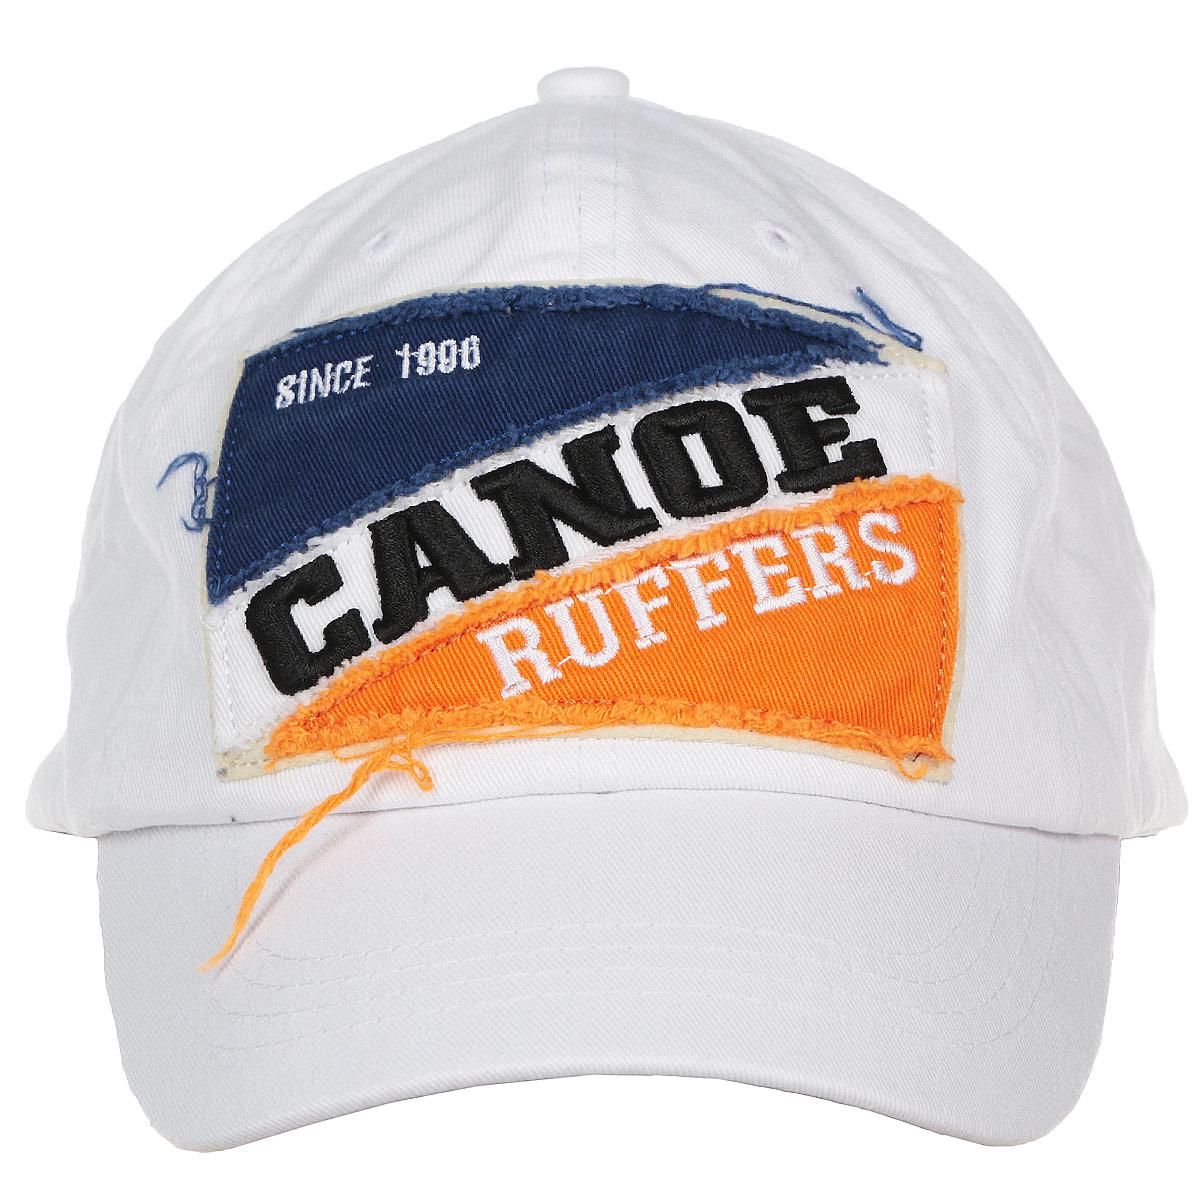 Бейсболка1963484Классическая мужская бейсболка Canoe Race, изготовленная из 100% хлопка, идеально подойдет для активного отдыха и обеспечит надежную защиту головы от солнца. Бейсболка имеет перфорацию, обеспечивающую дополнительную вентиляцию. Спереди бейсболка декорирована двухцветной нашивкой с надписью Canoe Ruffers. Объем изделия регулируется благодаря ремешку с зажимом, оформленным вырубкой в виде листа. Такая бейсболка станет отличным аксессуаром для занятий спортом или дополнит ваш повседневный образ.